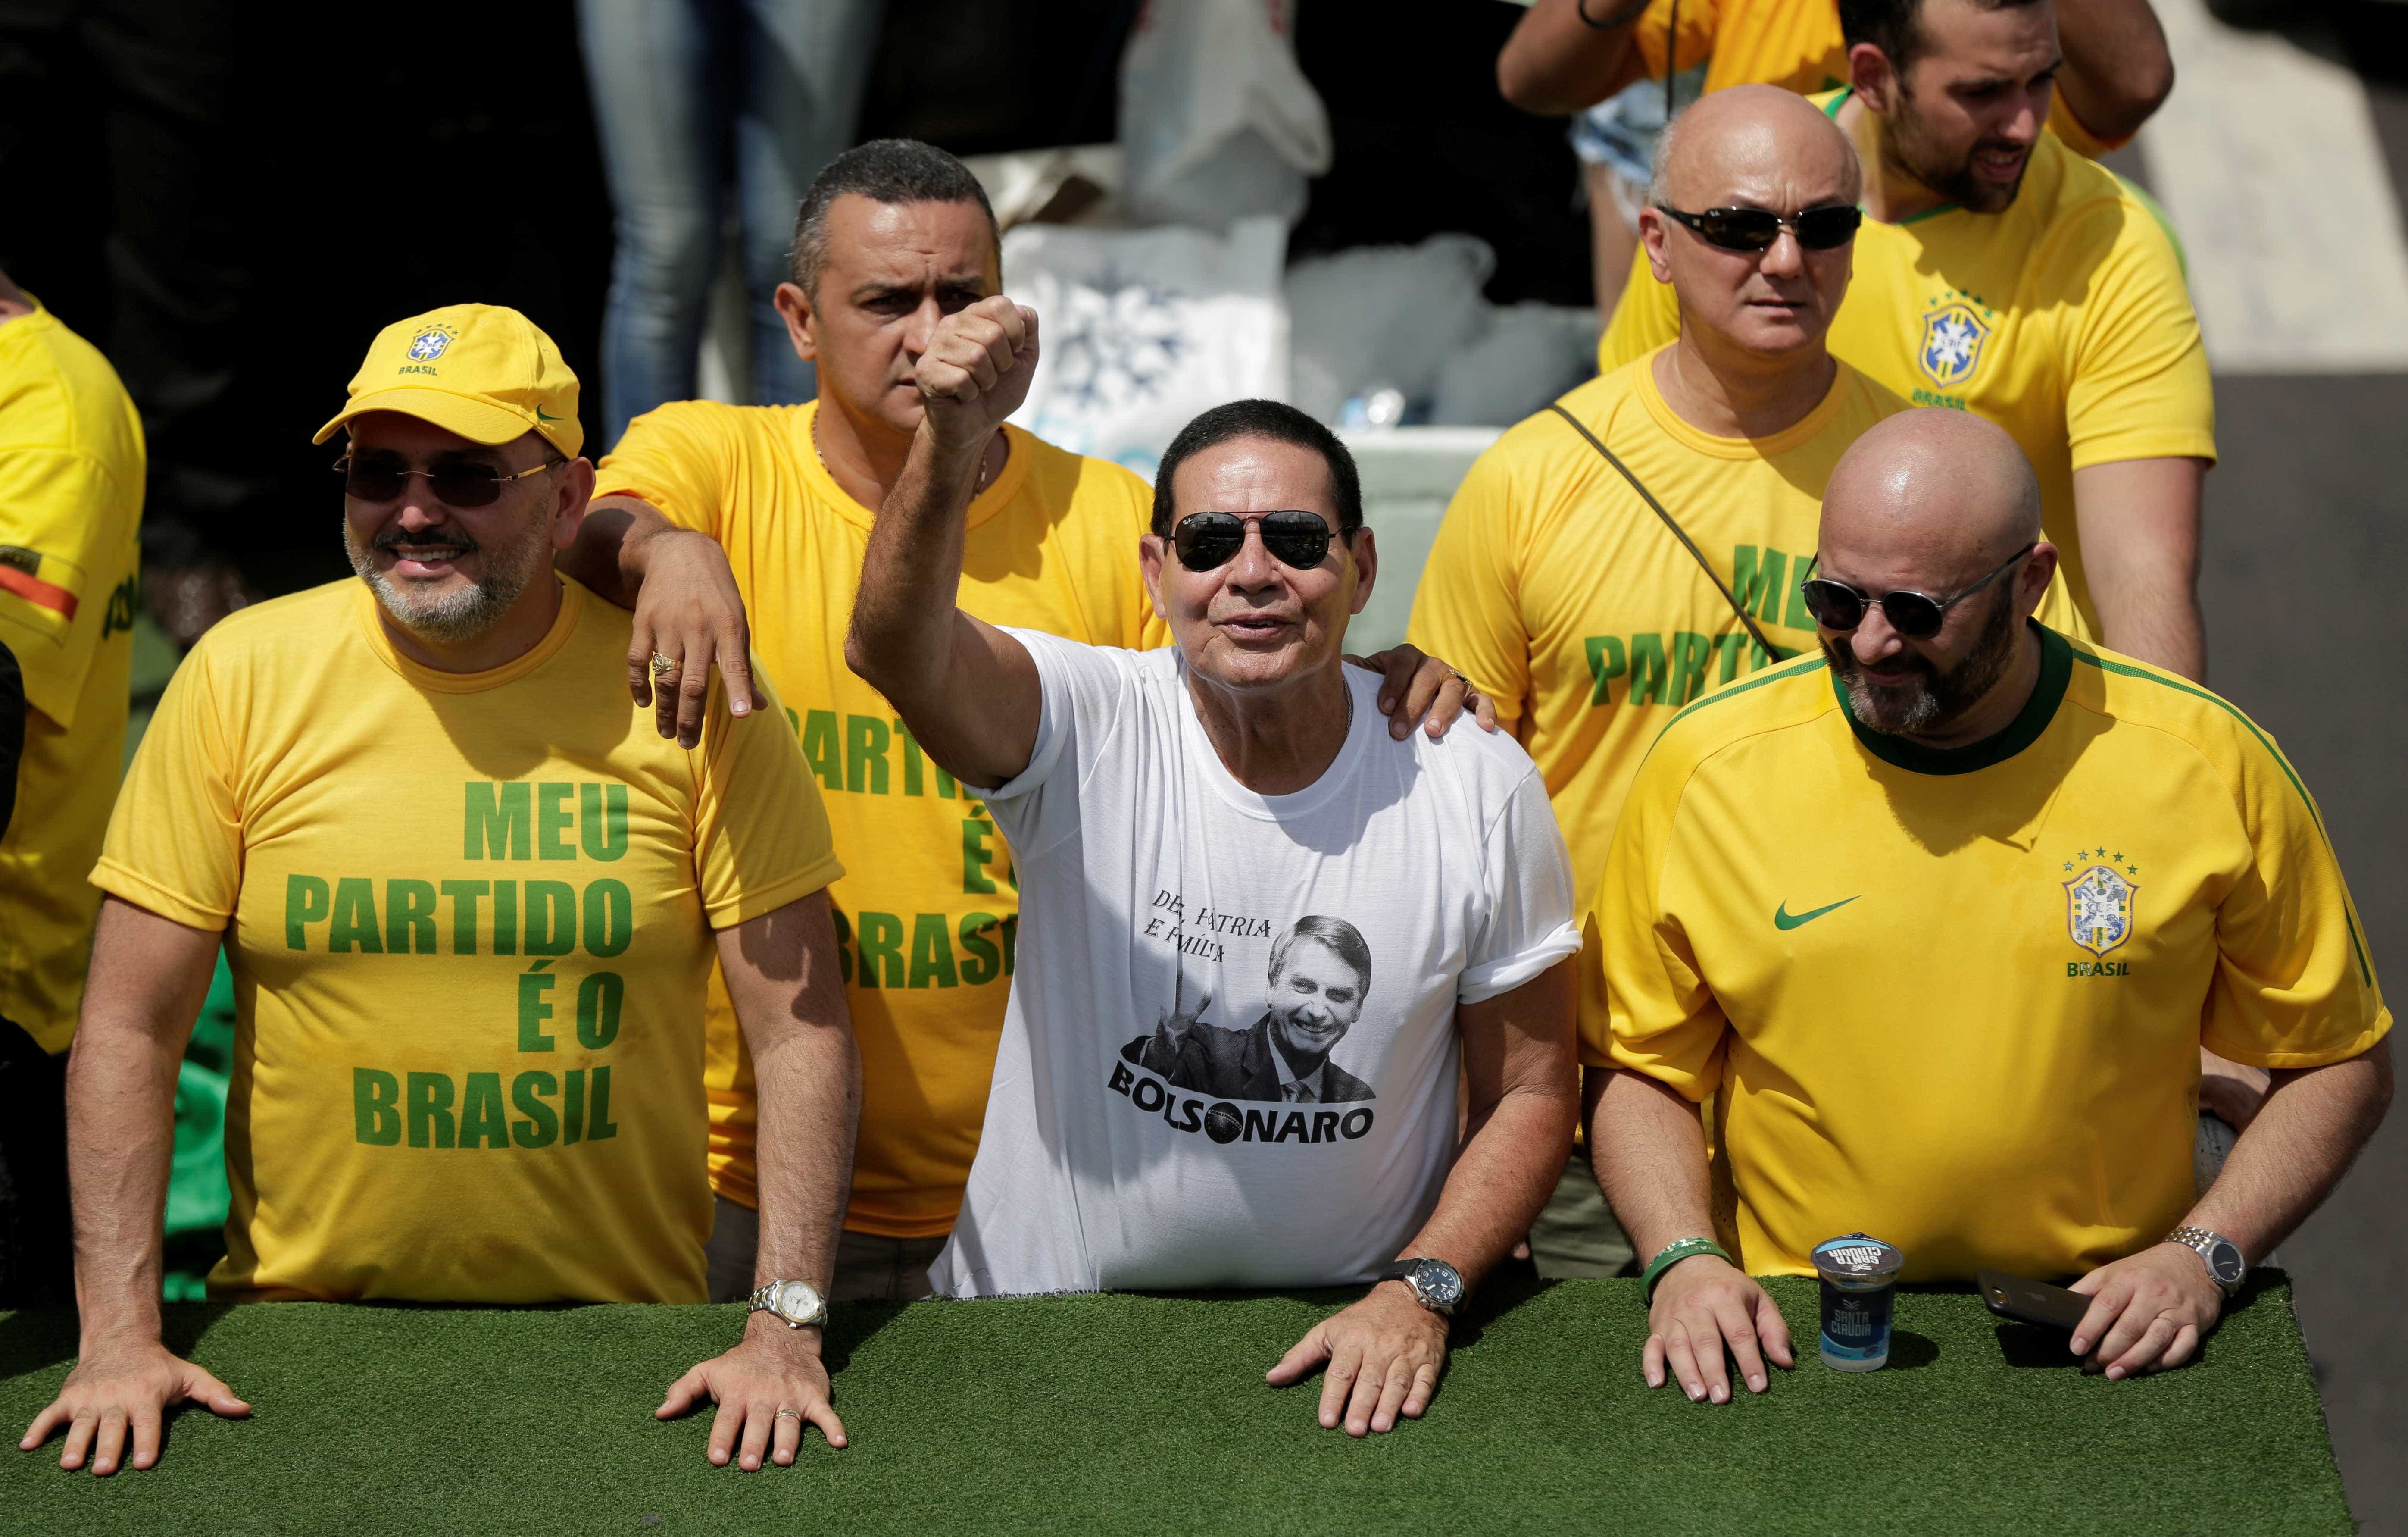 Vice de Bolsonaro, Mourão conta com apoio de 'irmãos' maçons na eleição